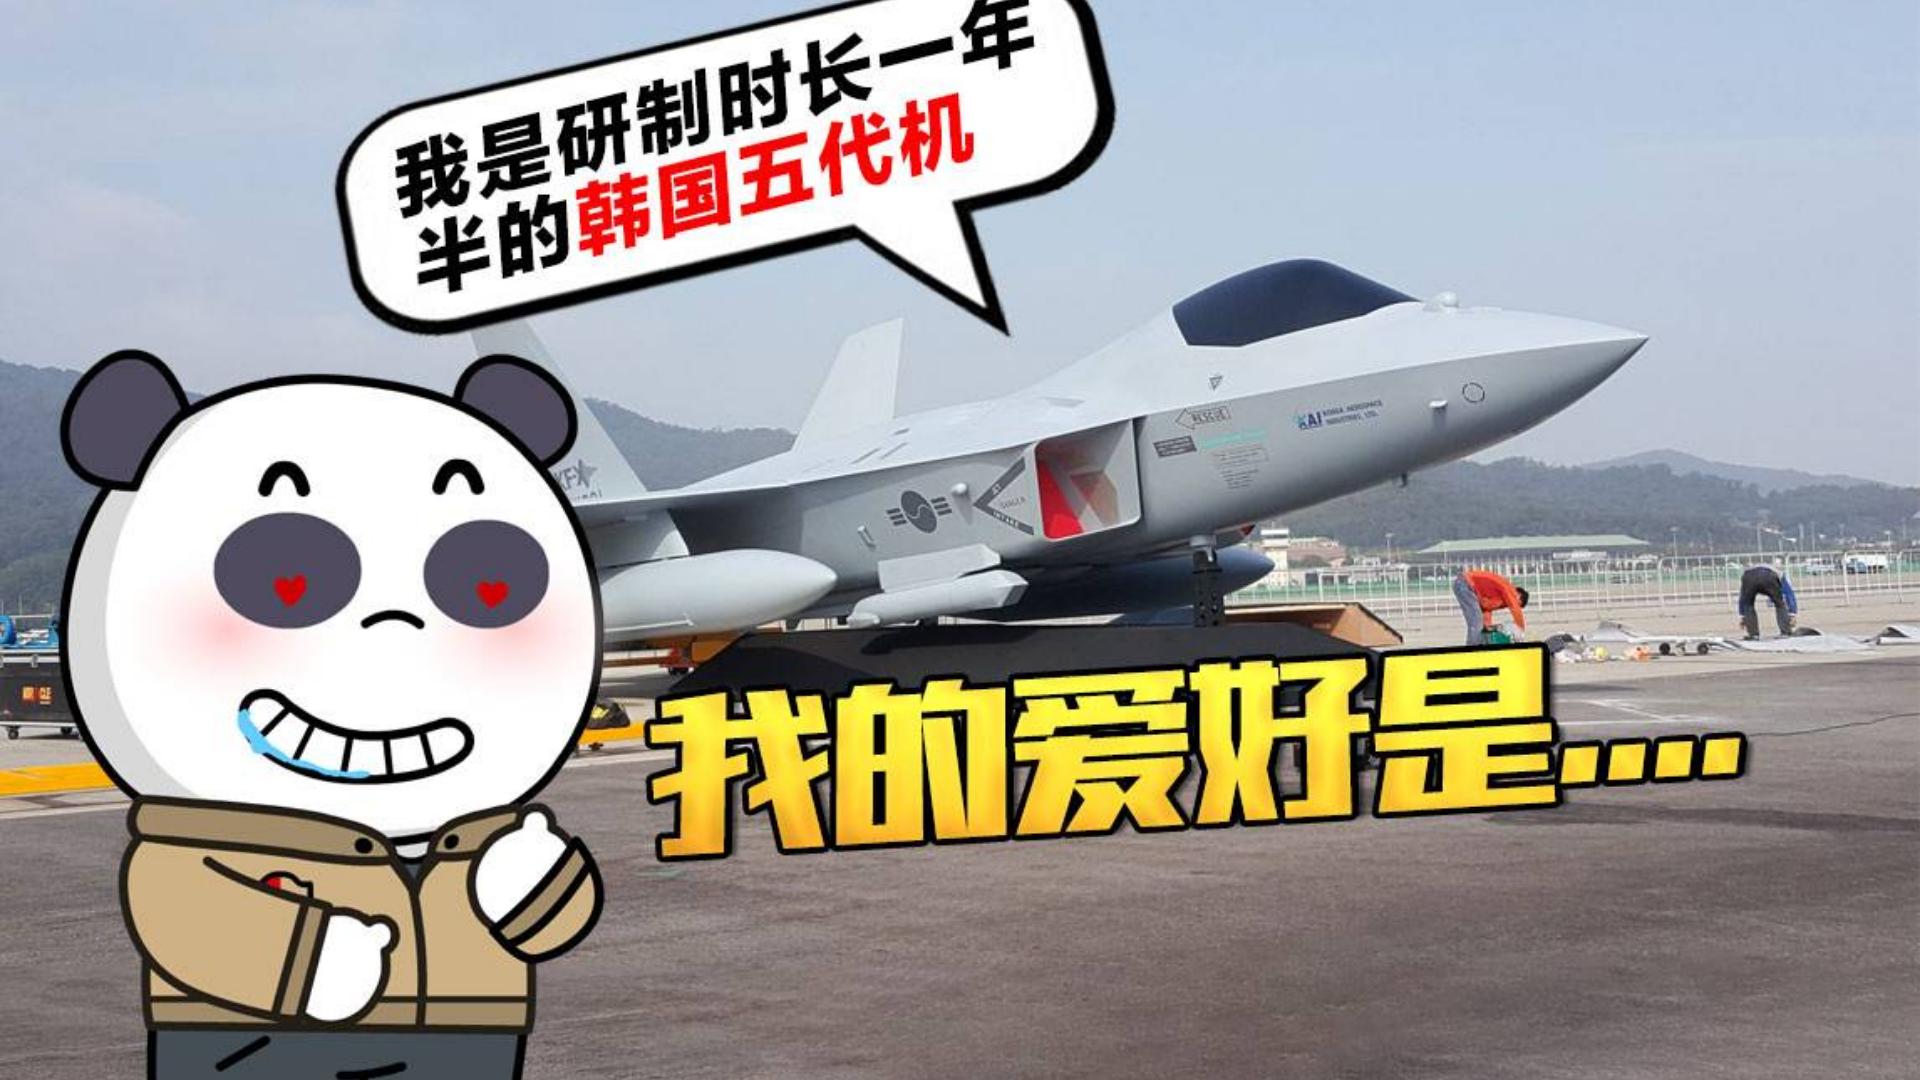 """【点兵1092】国际军火界也迷恋""""韩流"""",为啥韩国的武器这么受欢迎呢?"""